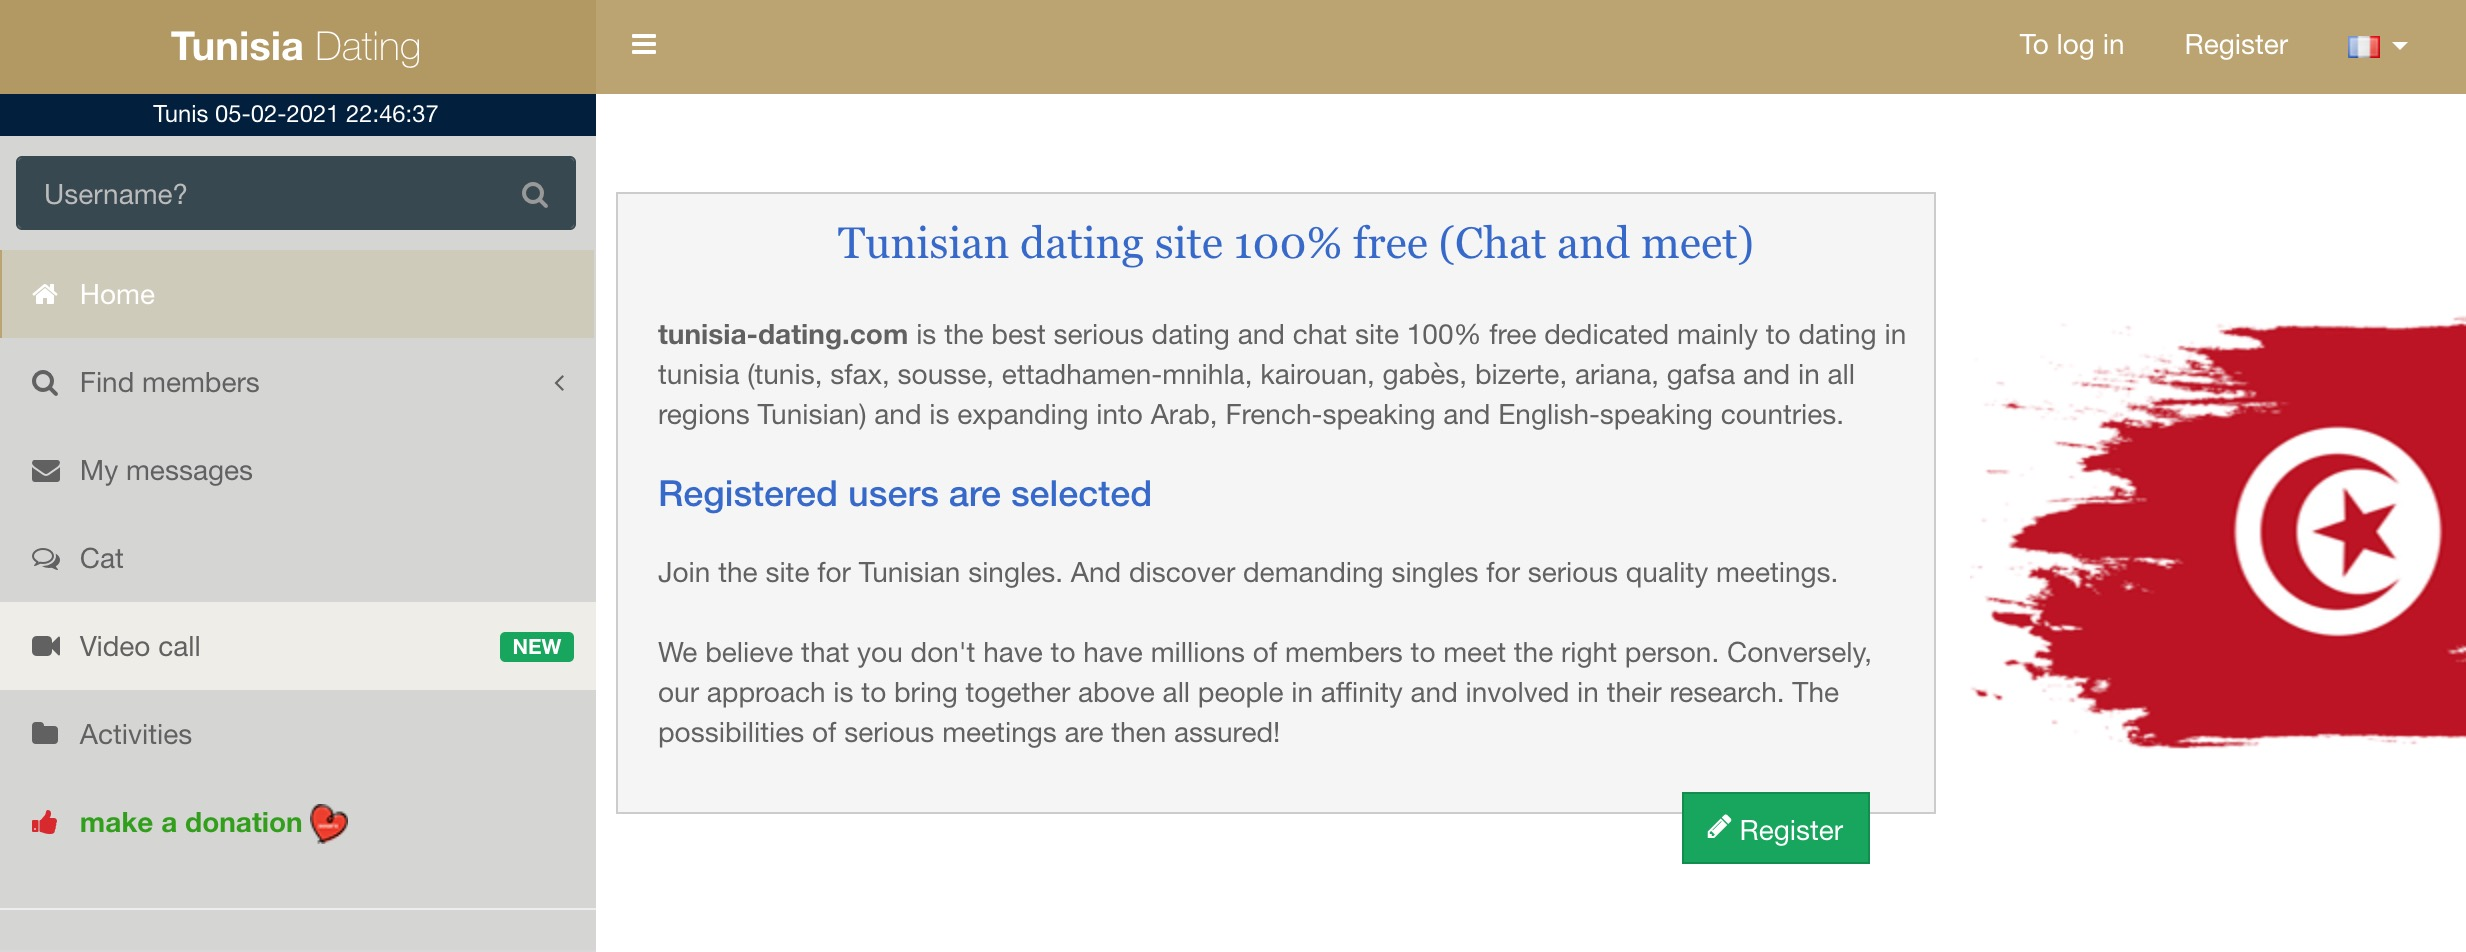 TunisiaDating main page